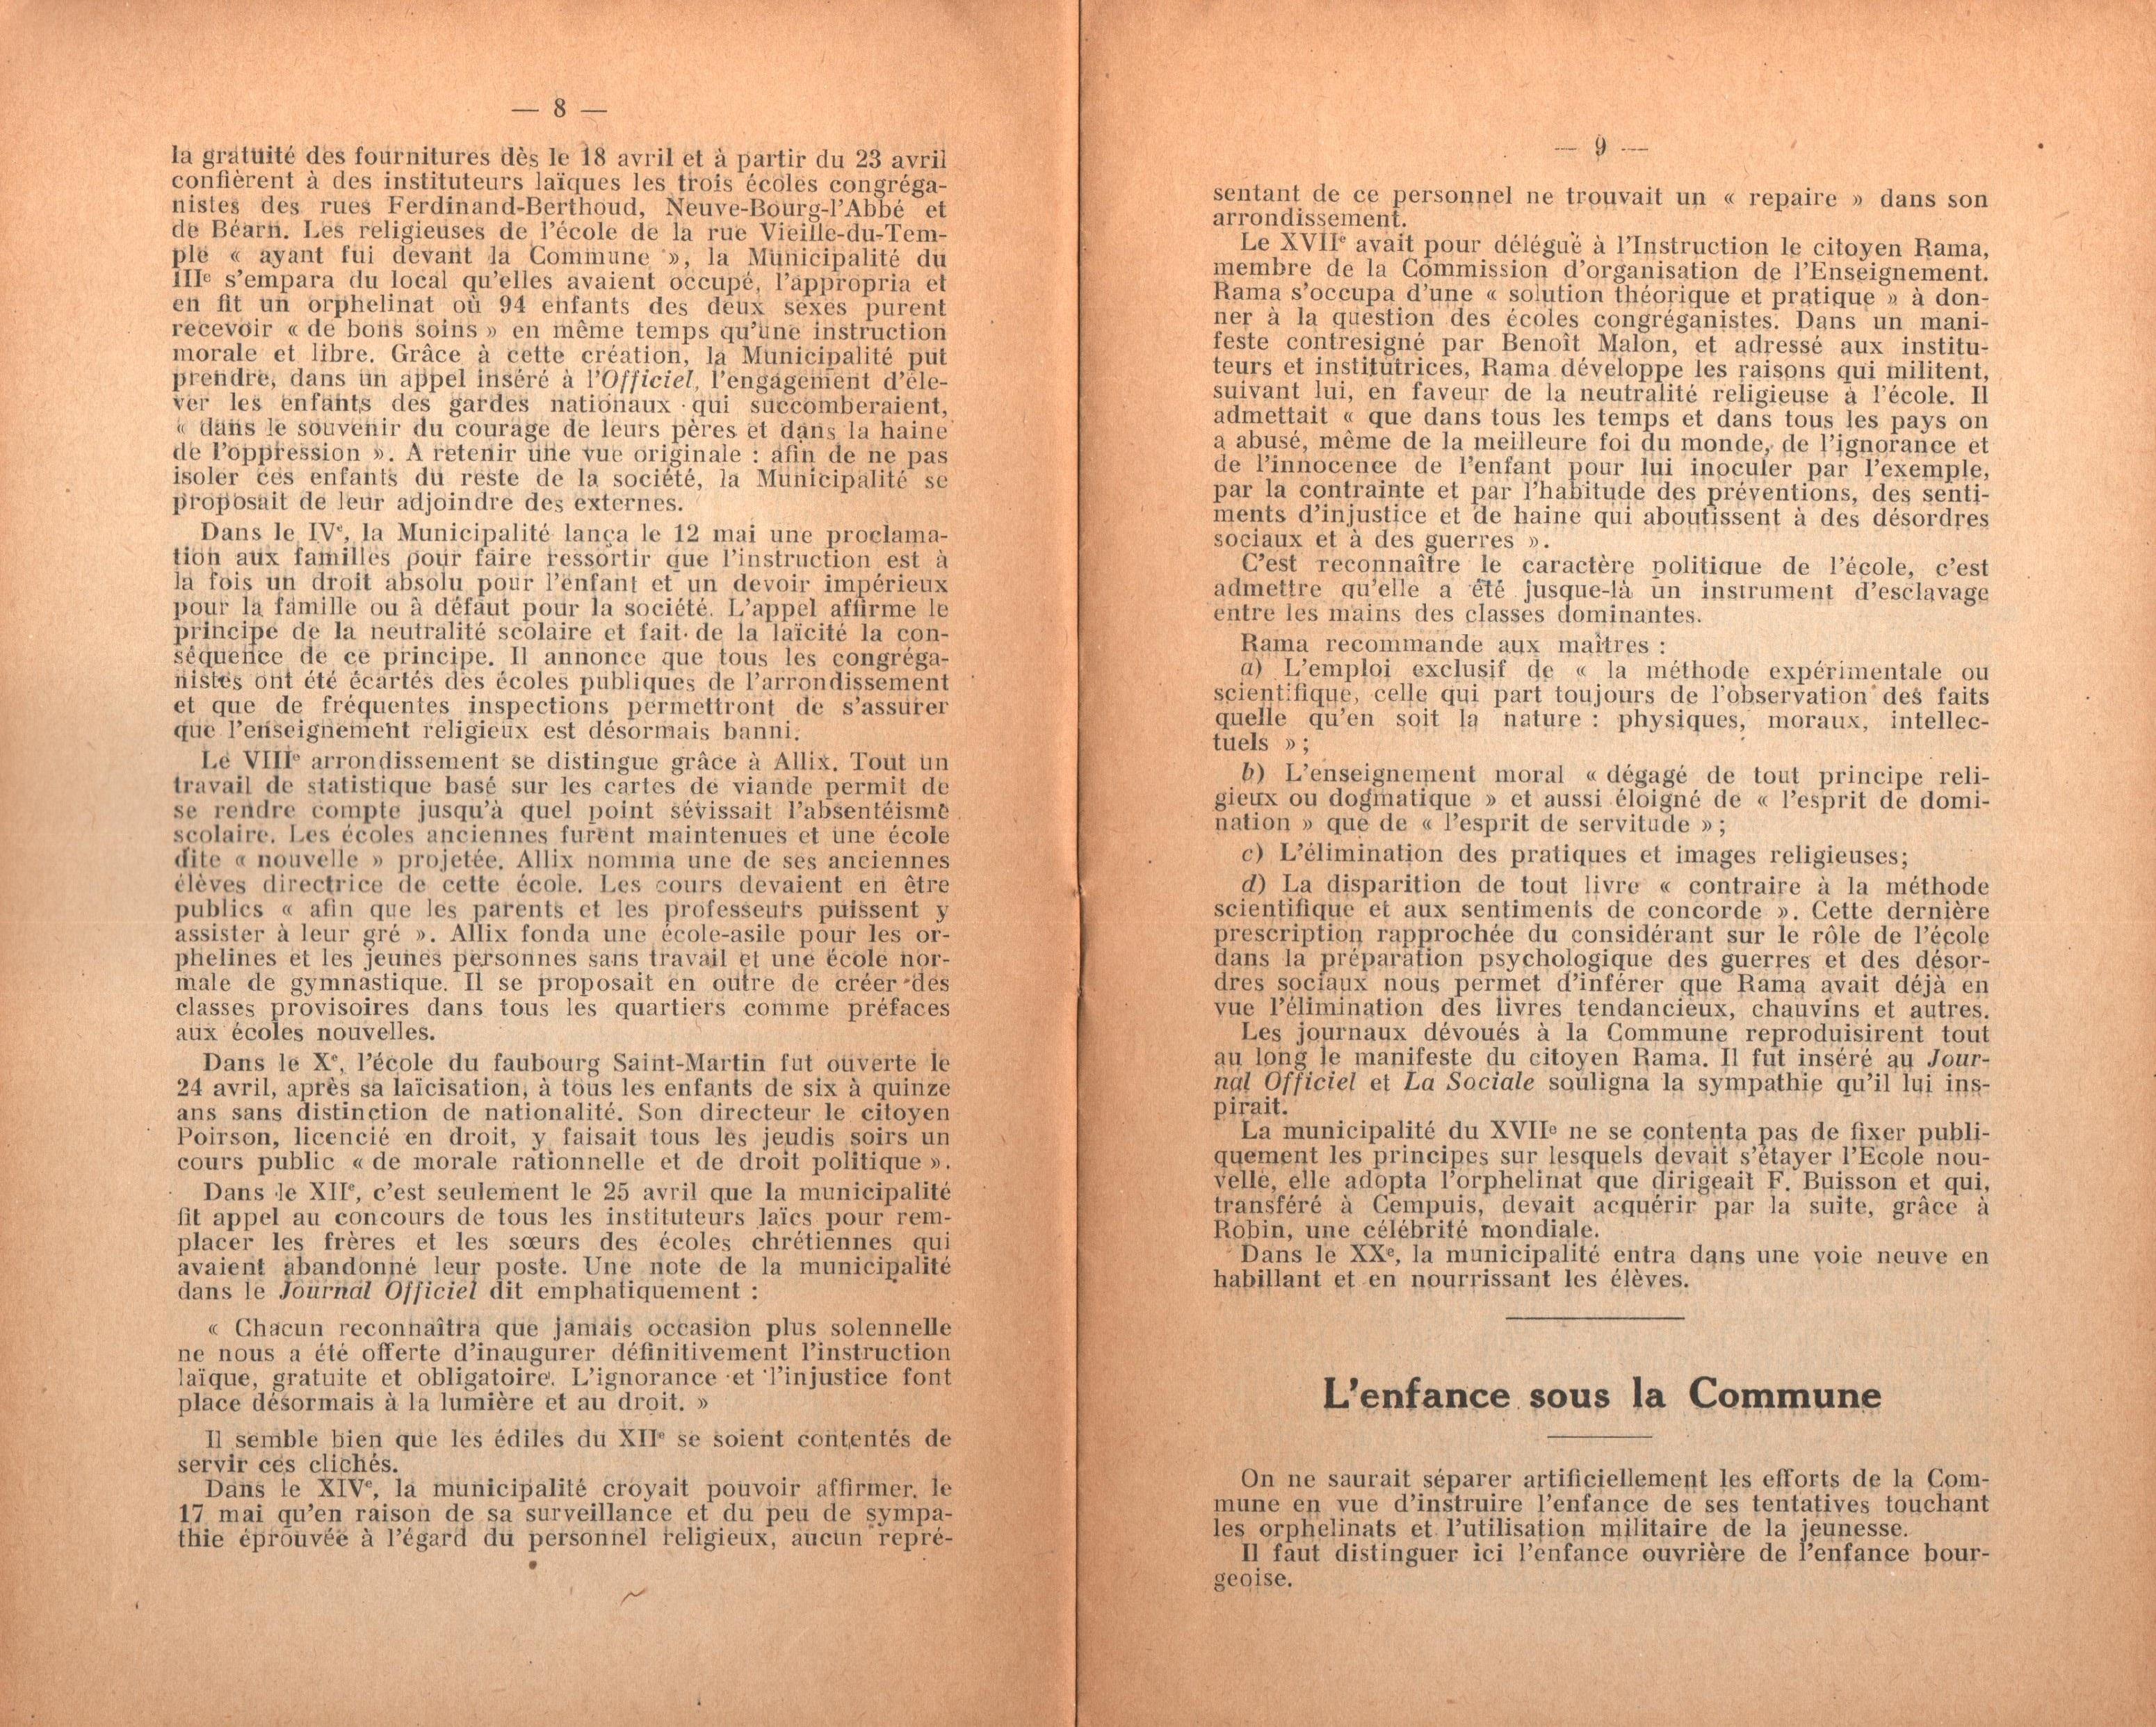 Maurice Dommanget, L'instruction publique sous la Commune - pag. 06